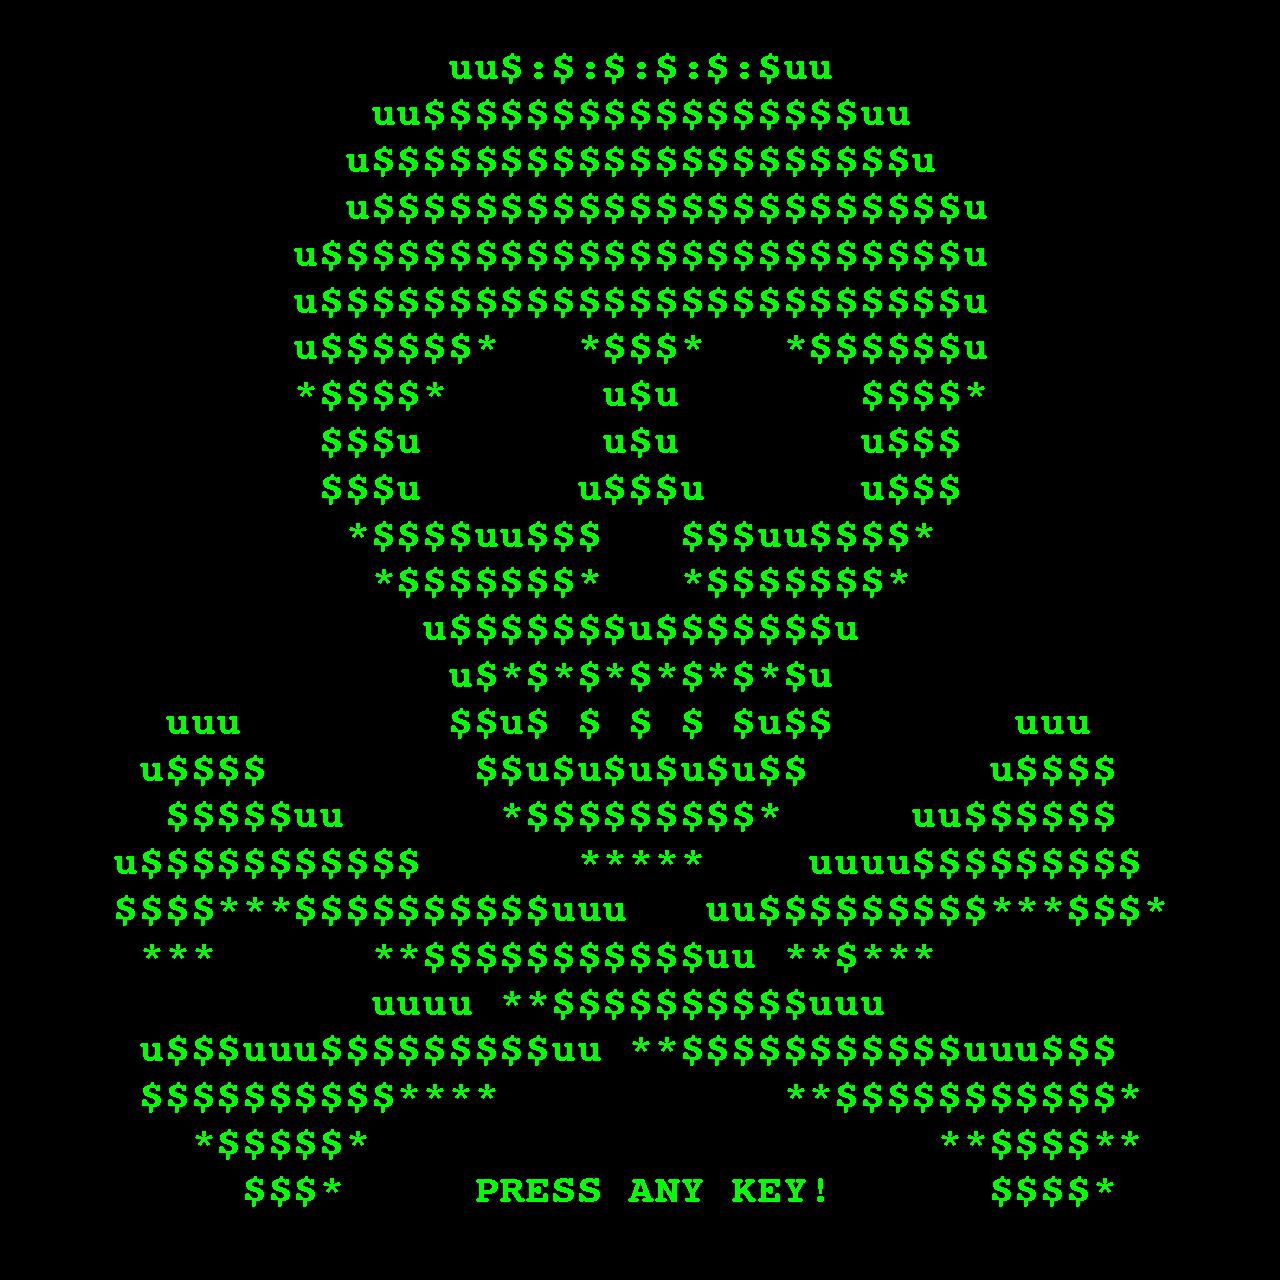 Kaspersky_ransomware 2